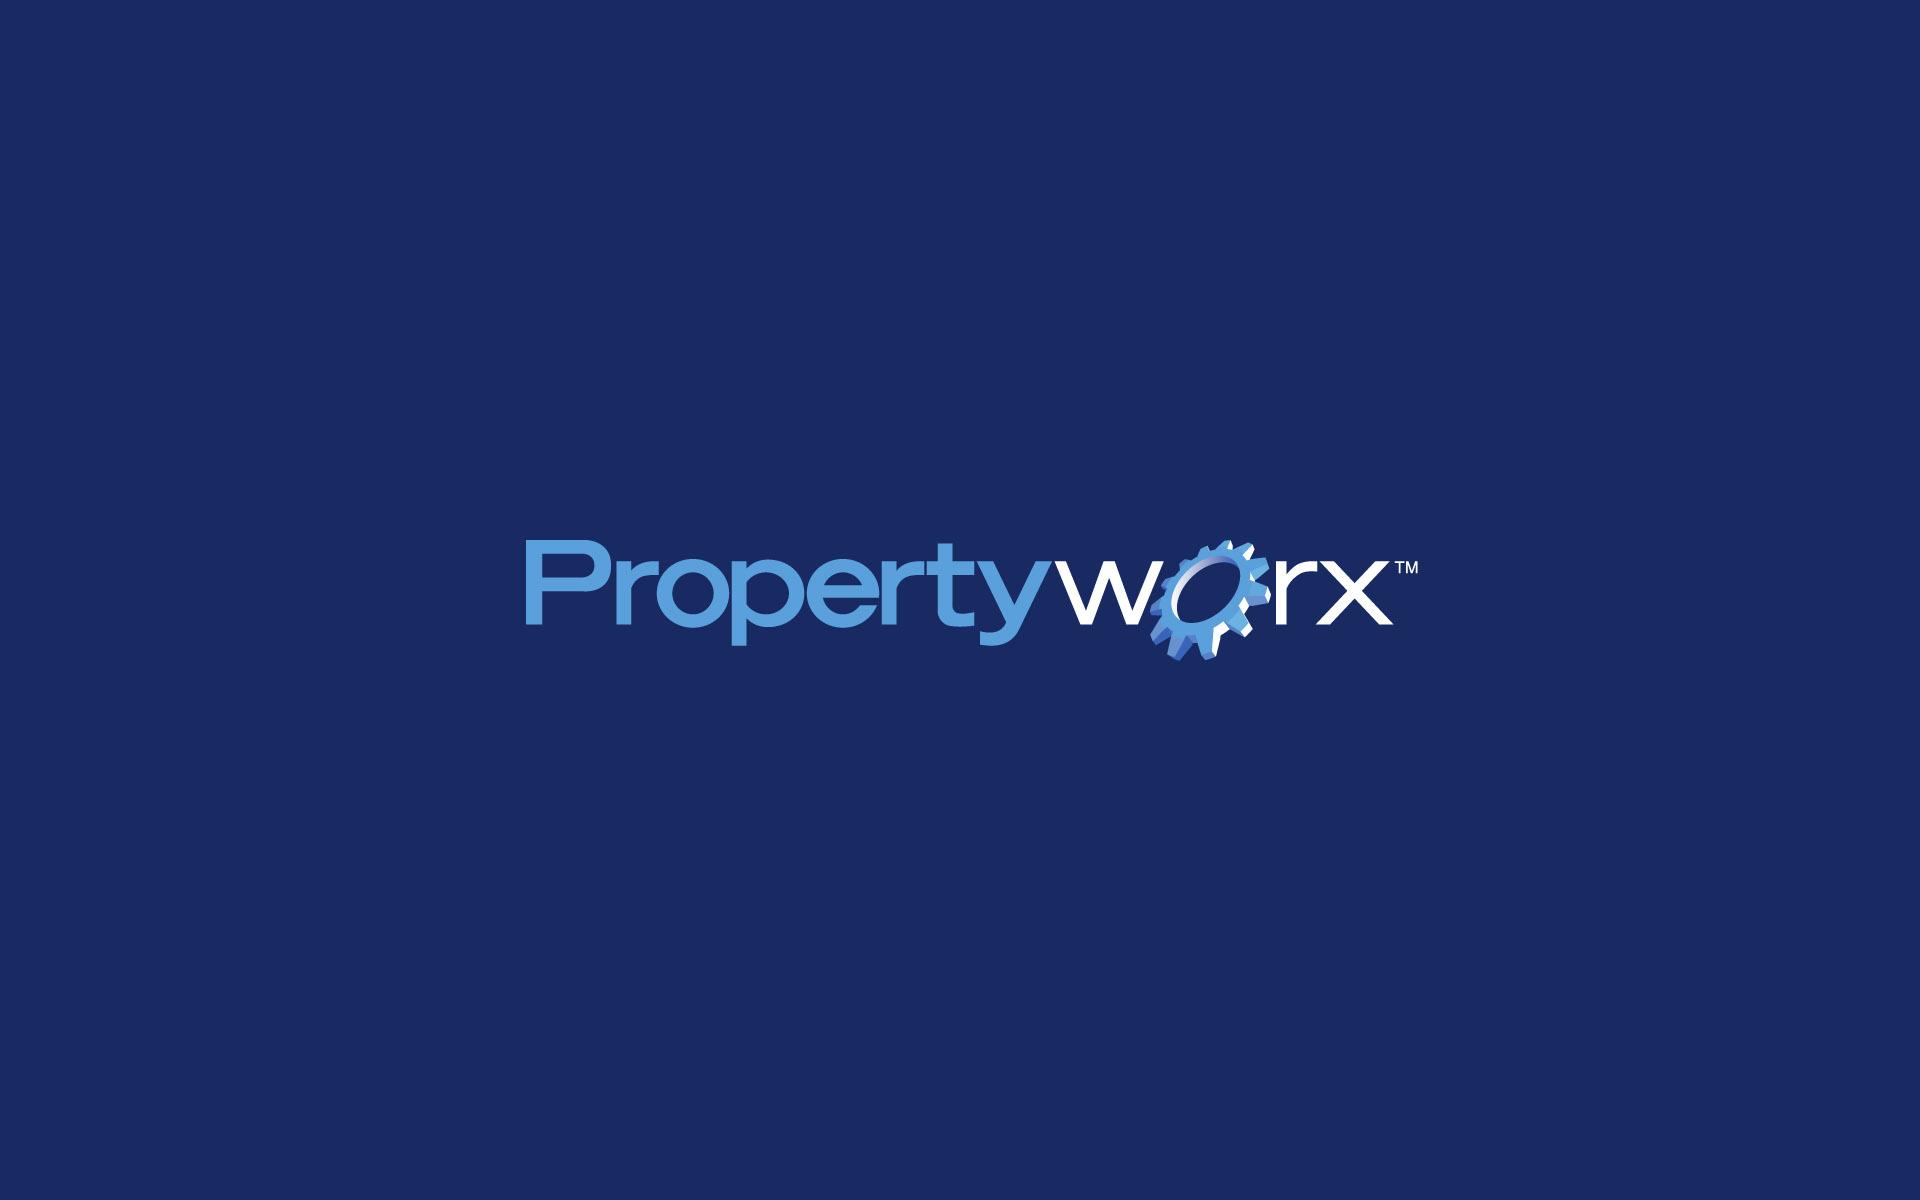 Propertyworx Brand Identity